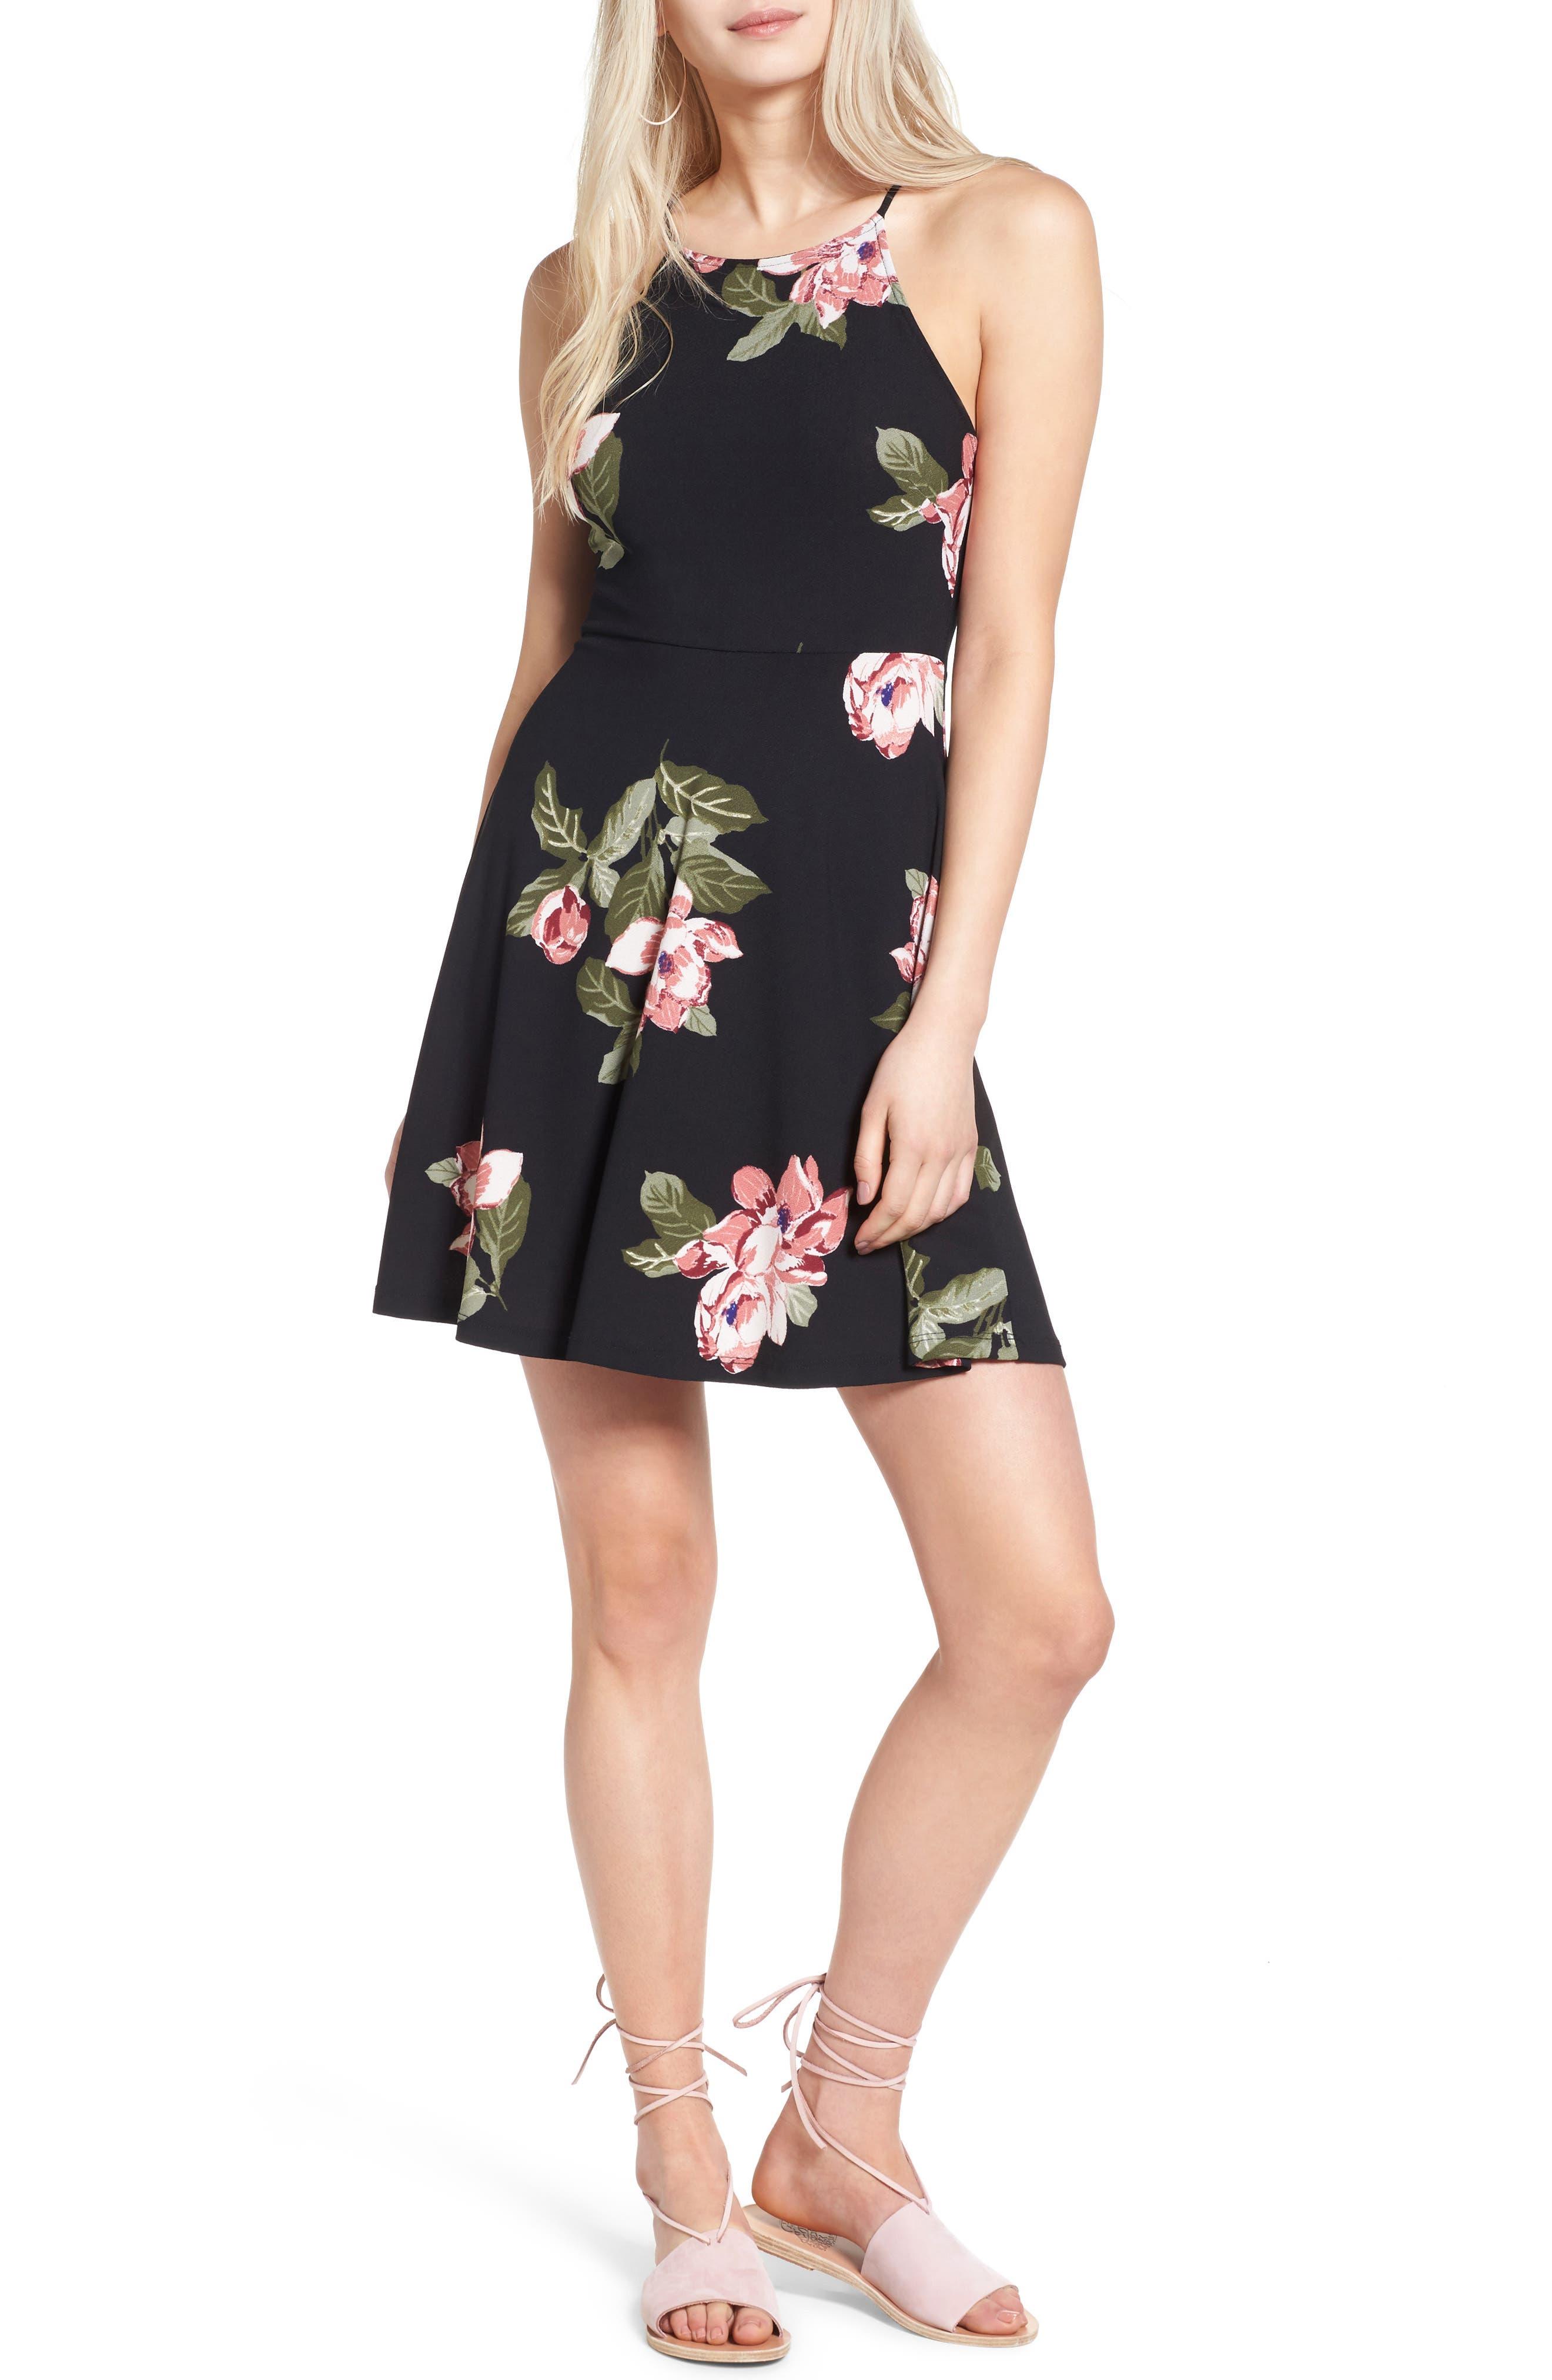 Alternate Image 1 Selected - Lush Ava Skater Dress